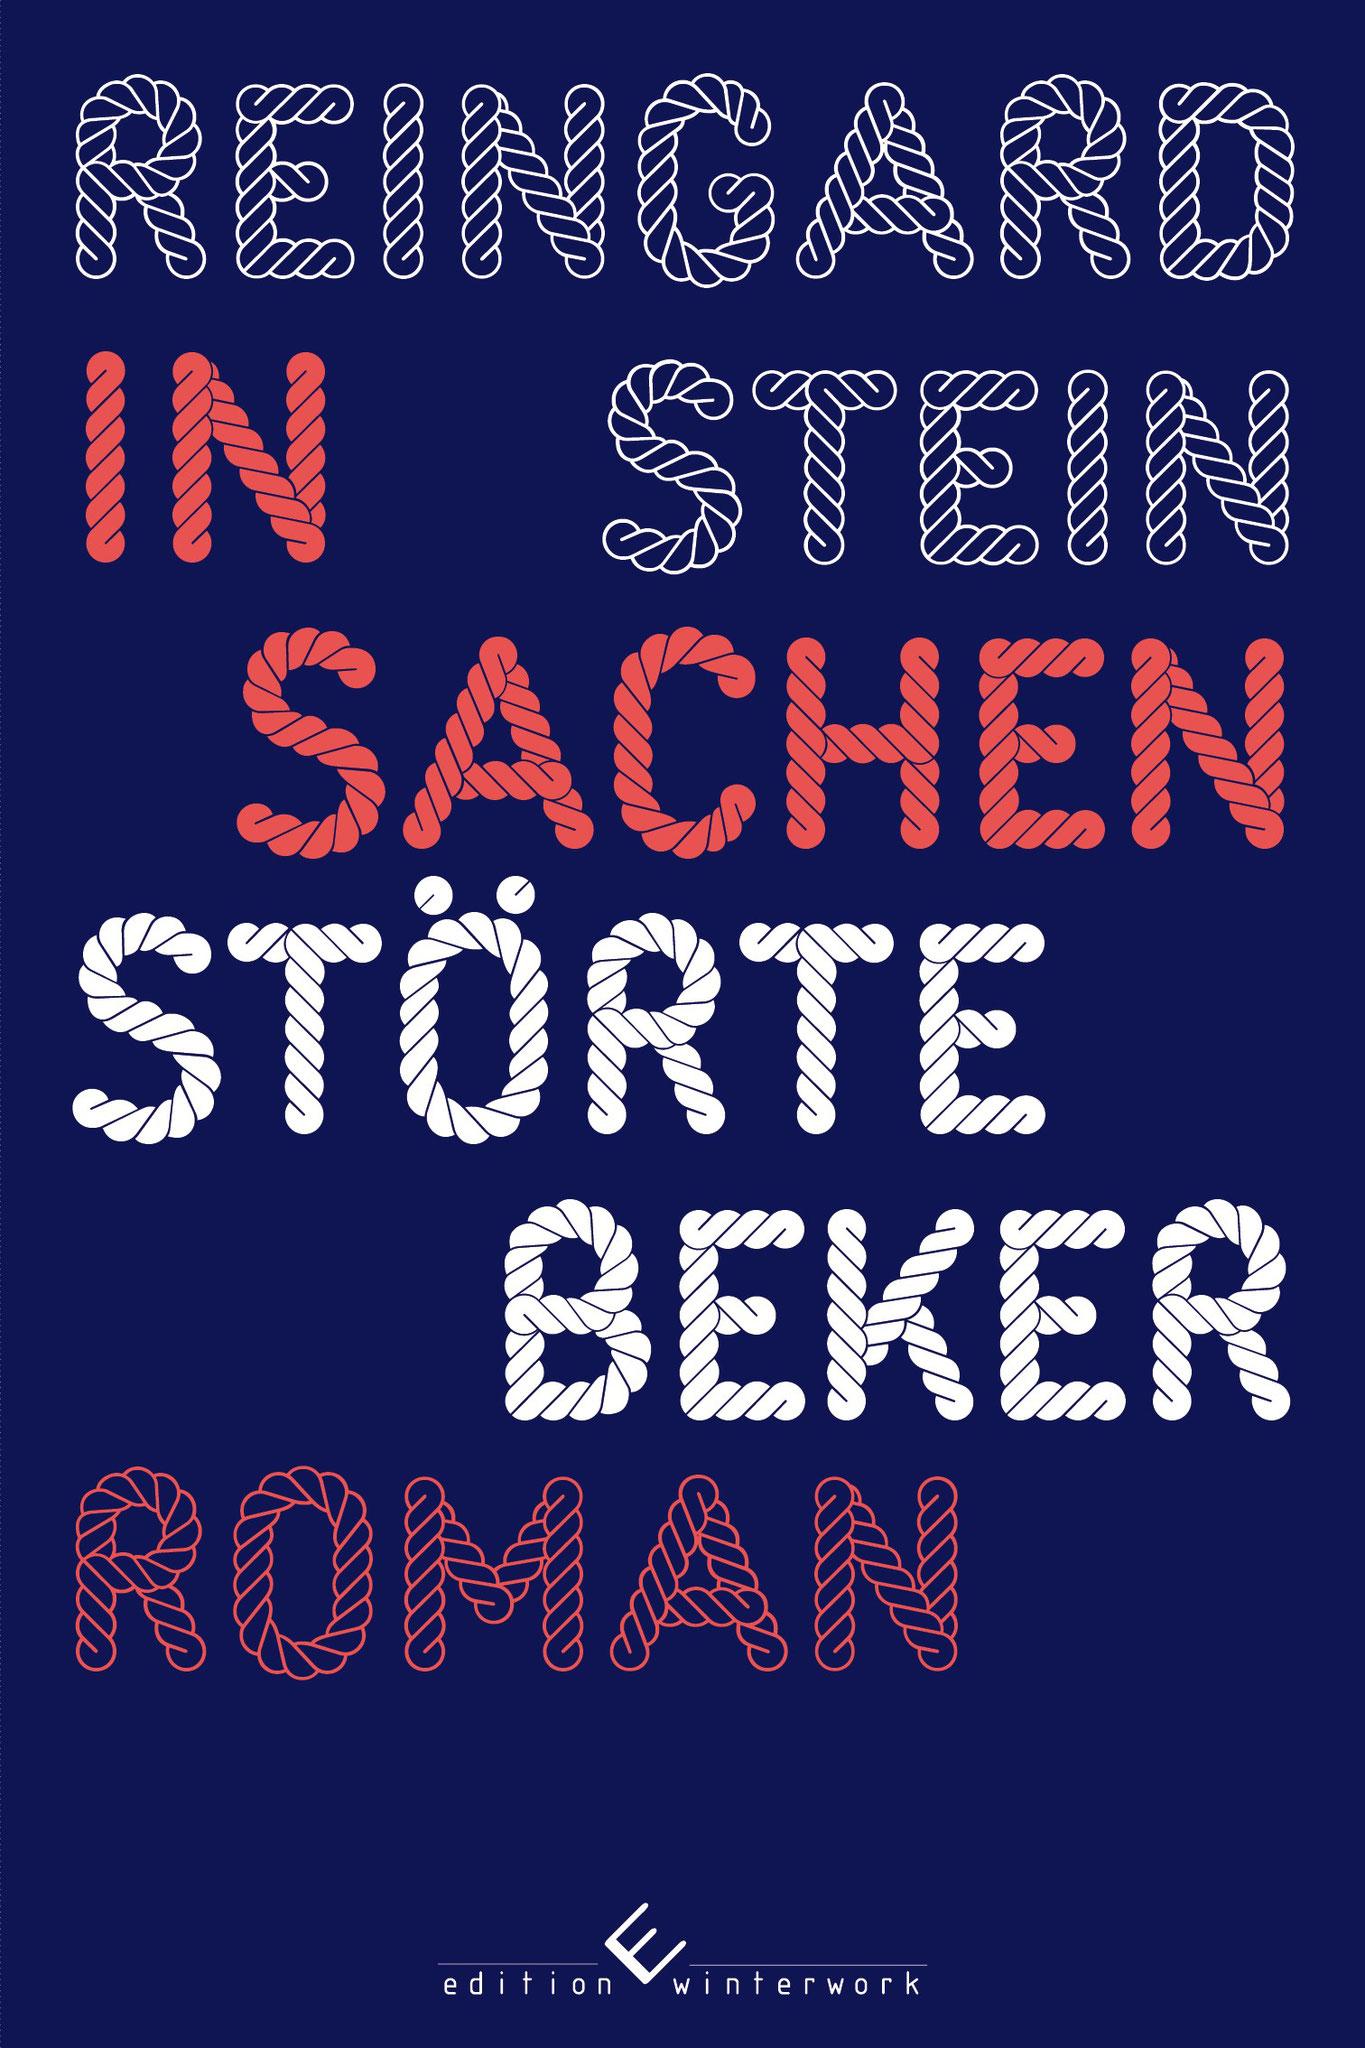 Buchcover, gestaltet von Bea Stach